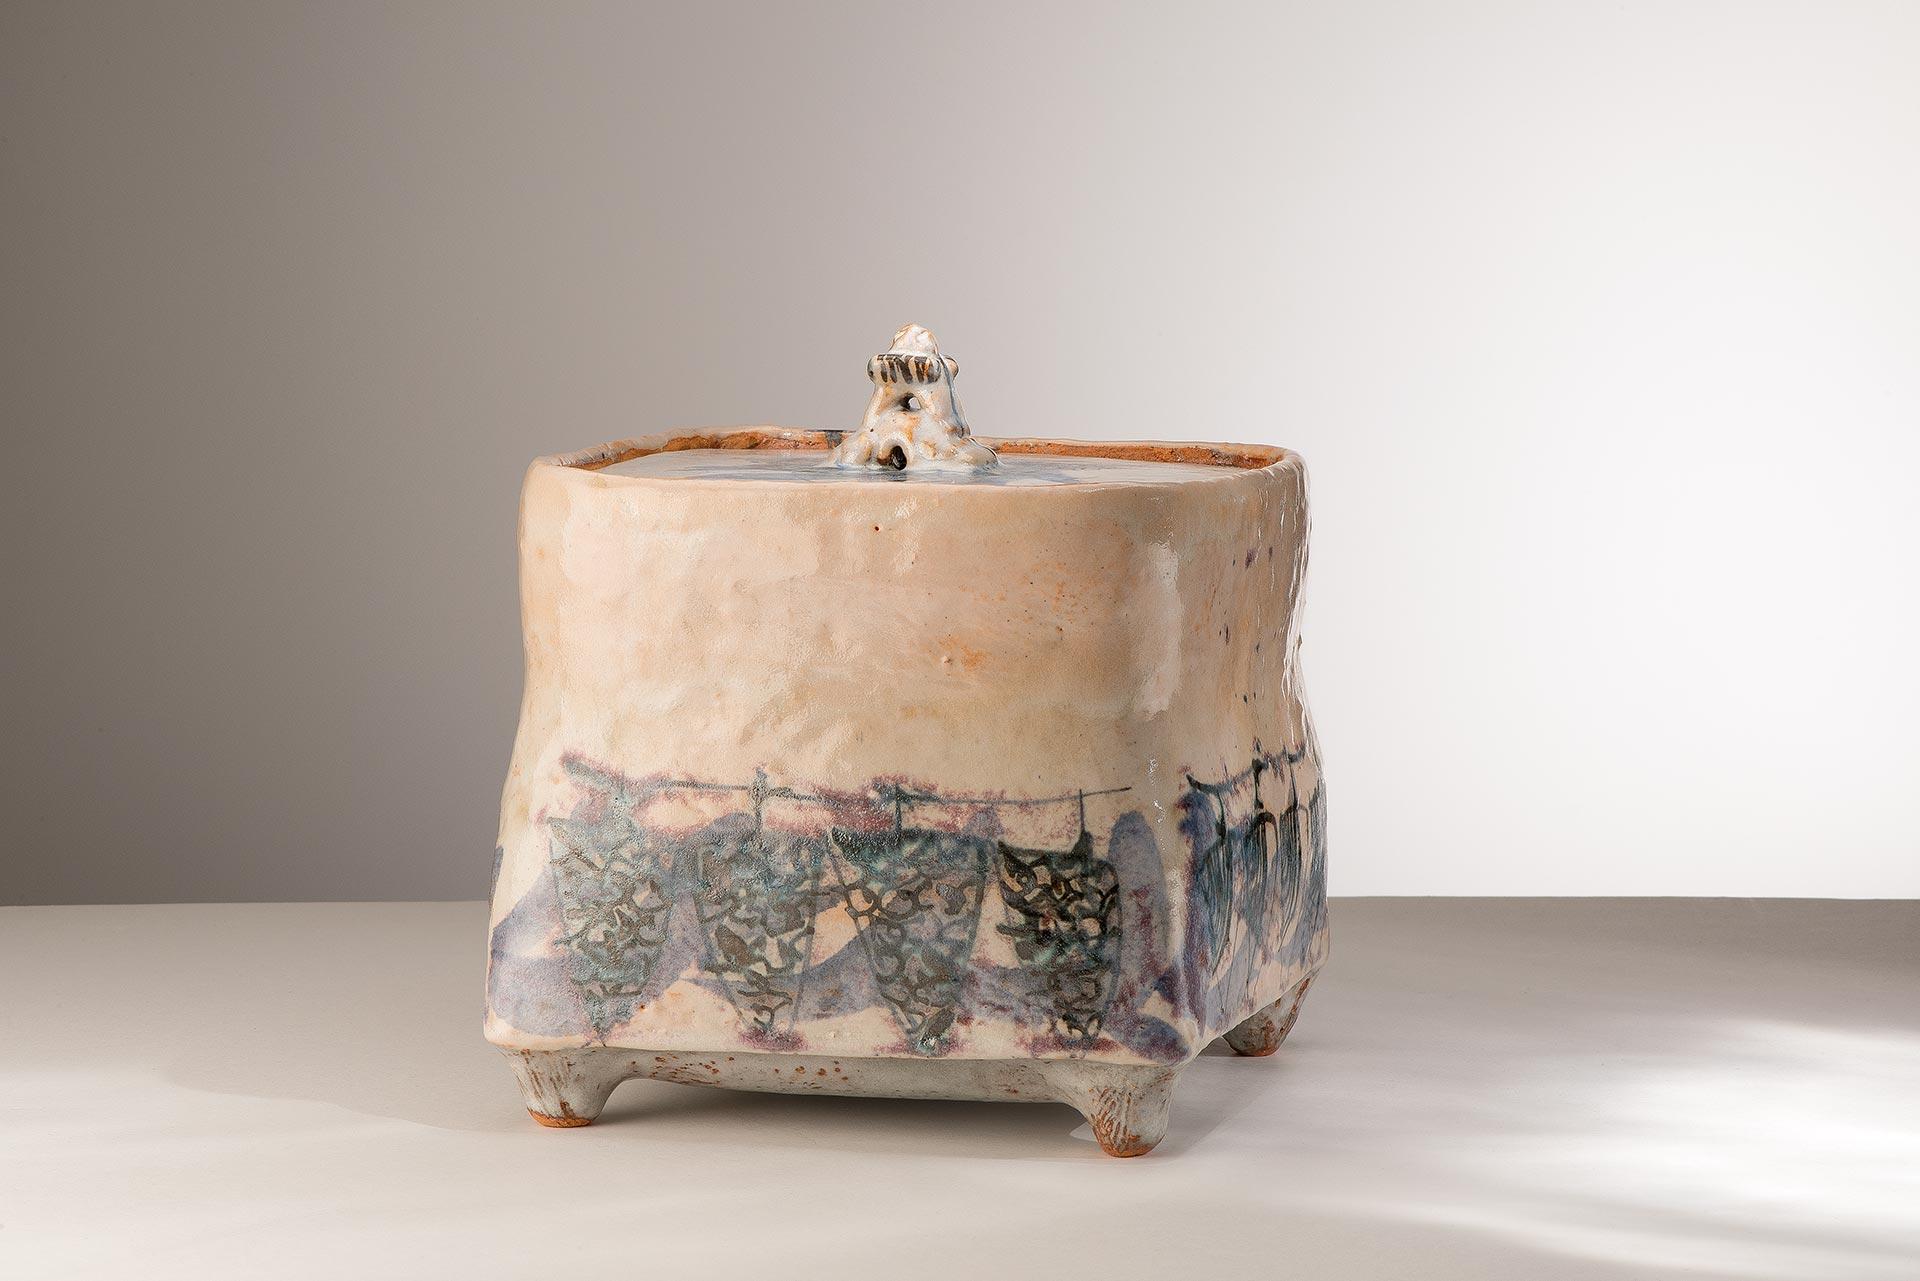 Céramique de Catherine Vanier – Boite carrée 2017